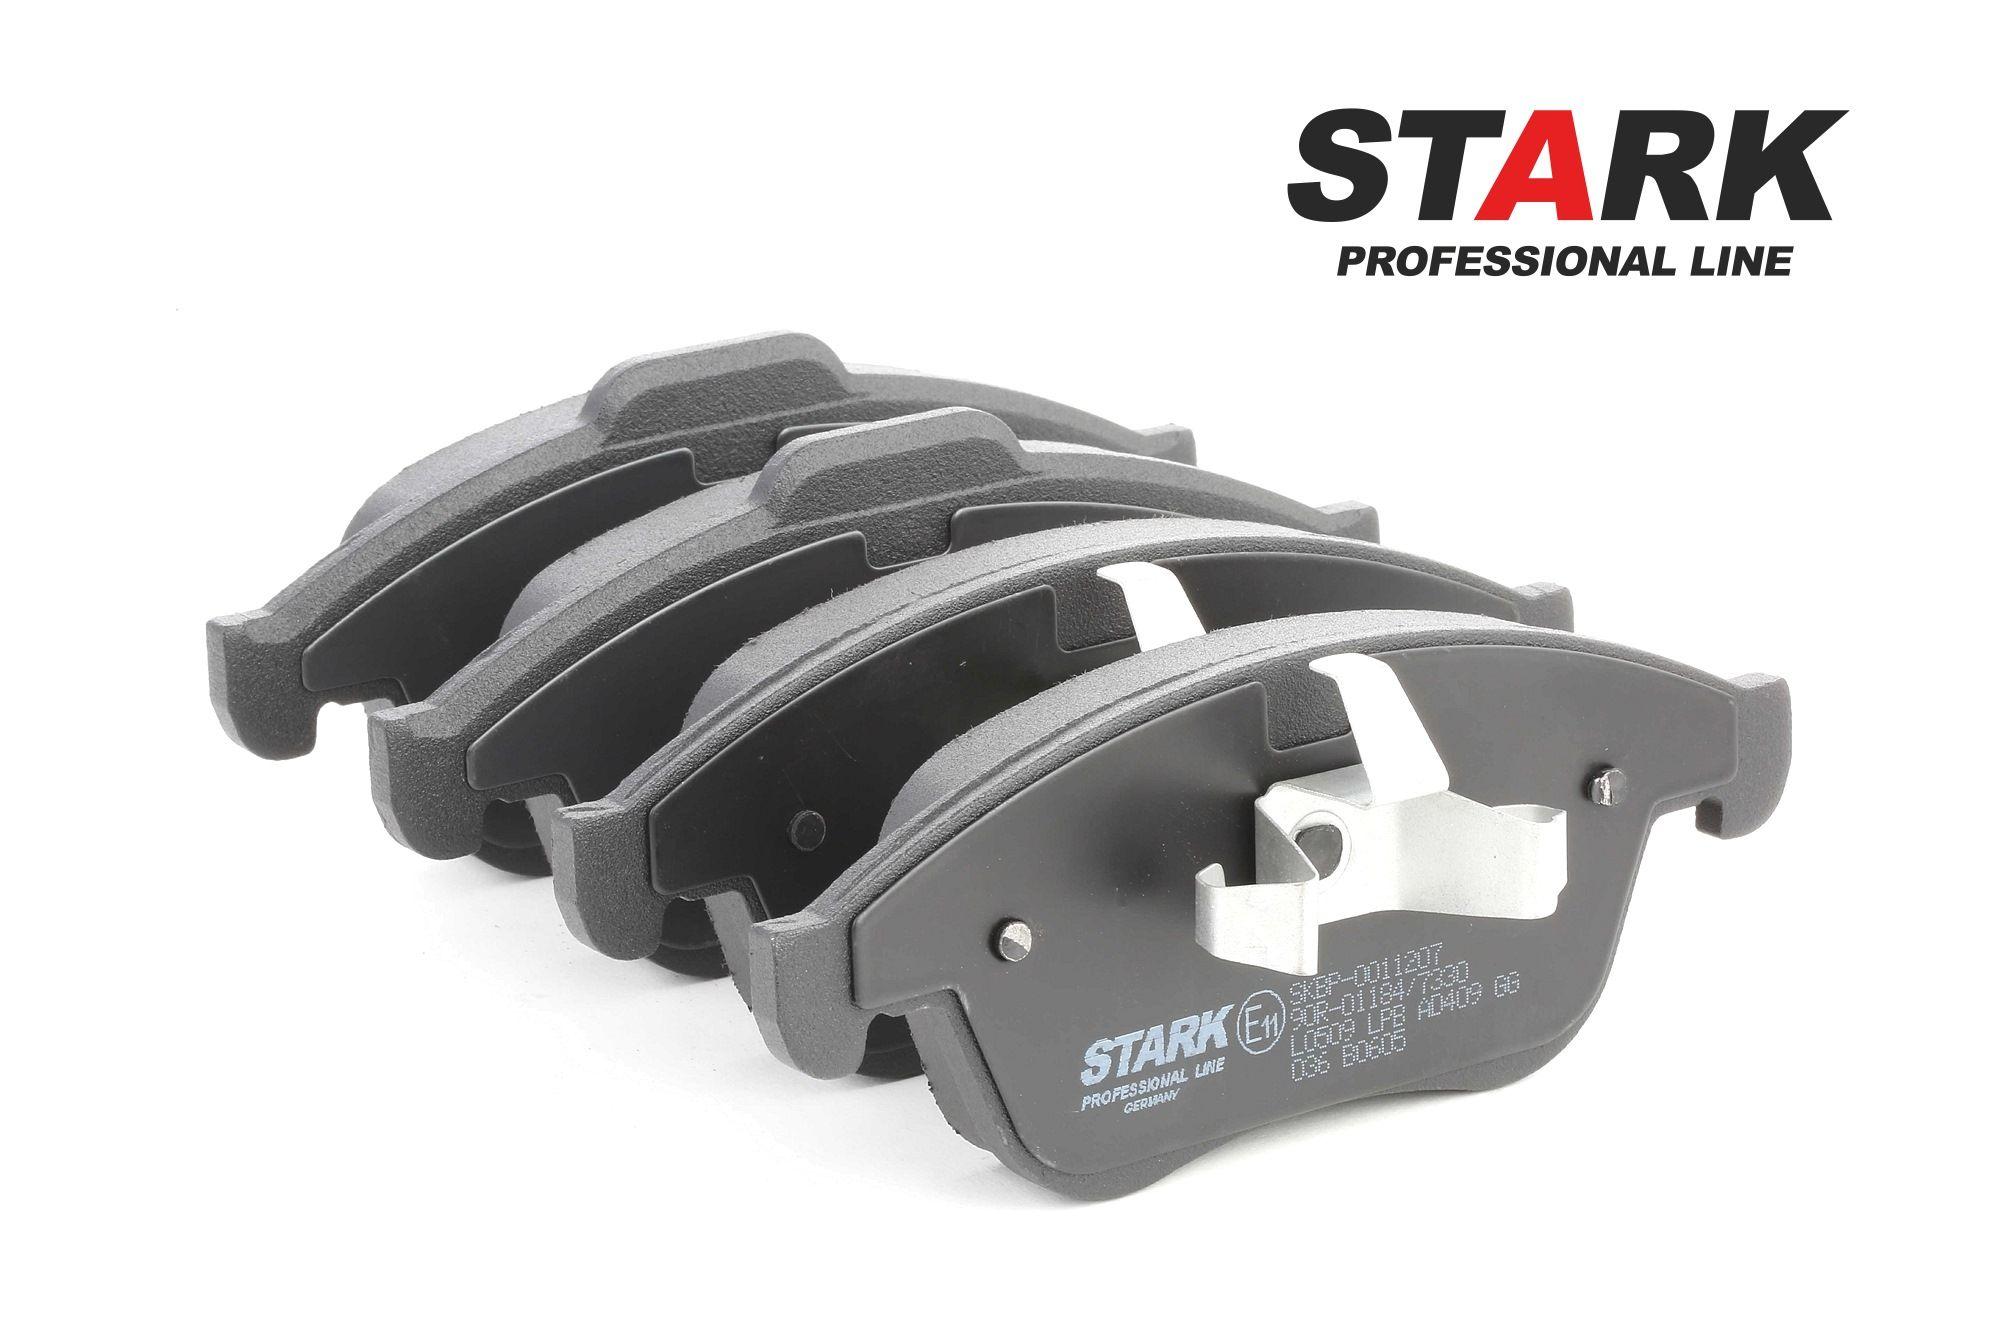 SKBP-0011207 STARK Vorderachse, exkl. Verschleißwarnkontakt, mit Kolbenclip Höhe 1: 63mm, Höhe 2: 68mm, Breite: 155.2mm, Dicke/Stärke: 18mm Bremsbelagsatz, Scheibenbremse SKBP-0011207 günstig kaufen